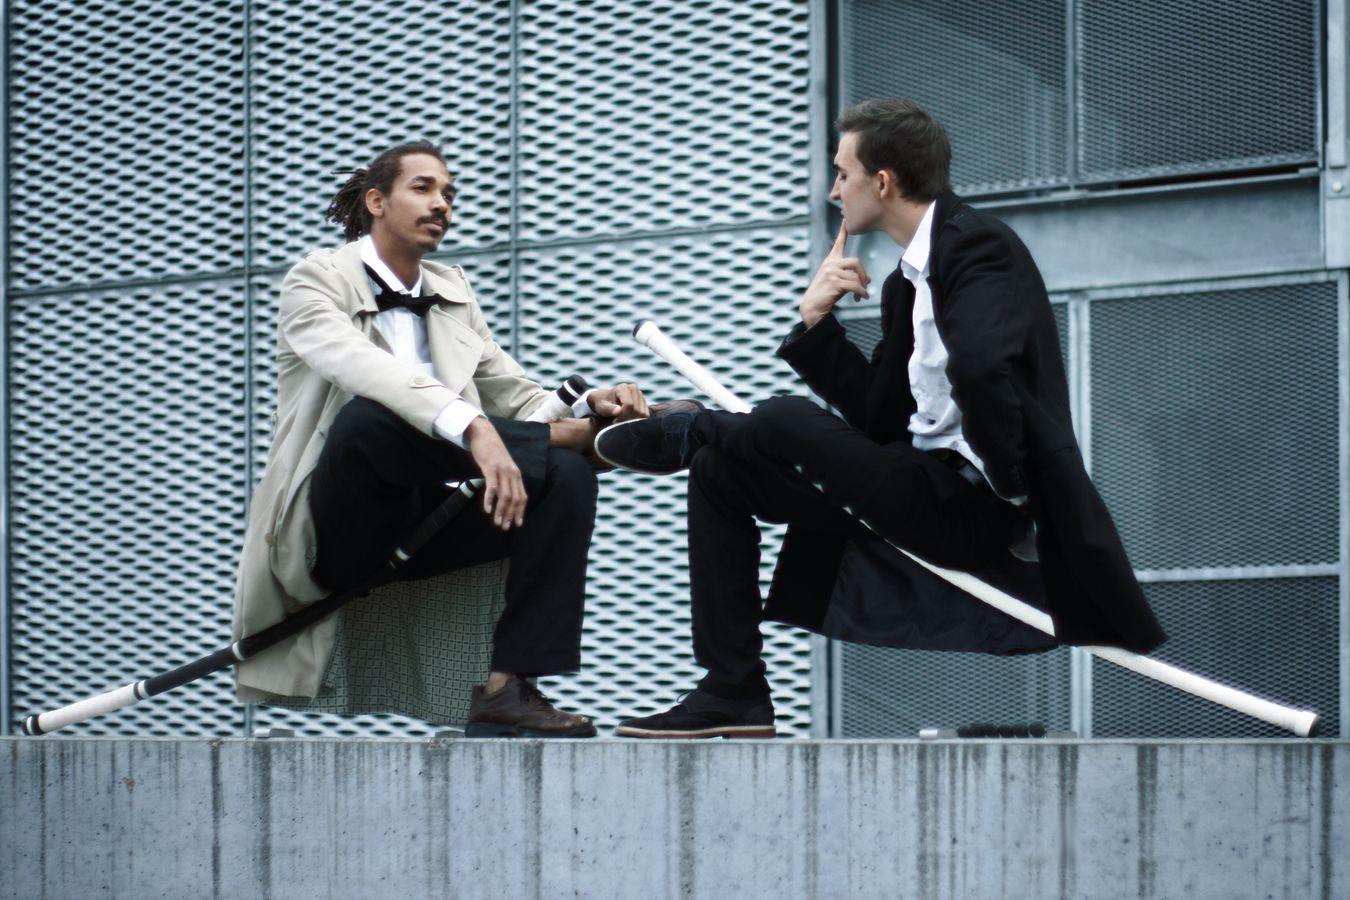 Étienne et Jean-Souleymane, de la compagnie Mimétis sont assis sur leur acrostaff au bord du bassin nautique de la Confluence de Lyon. On dirait qu'ils jouent au échecs, bien que le plateau de jeu soit énigmatiquement absent.